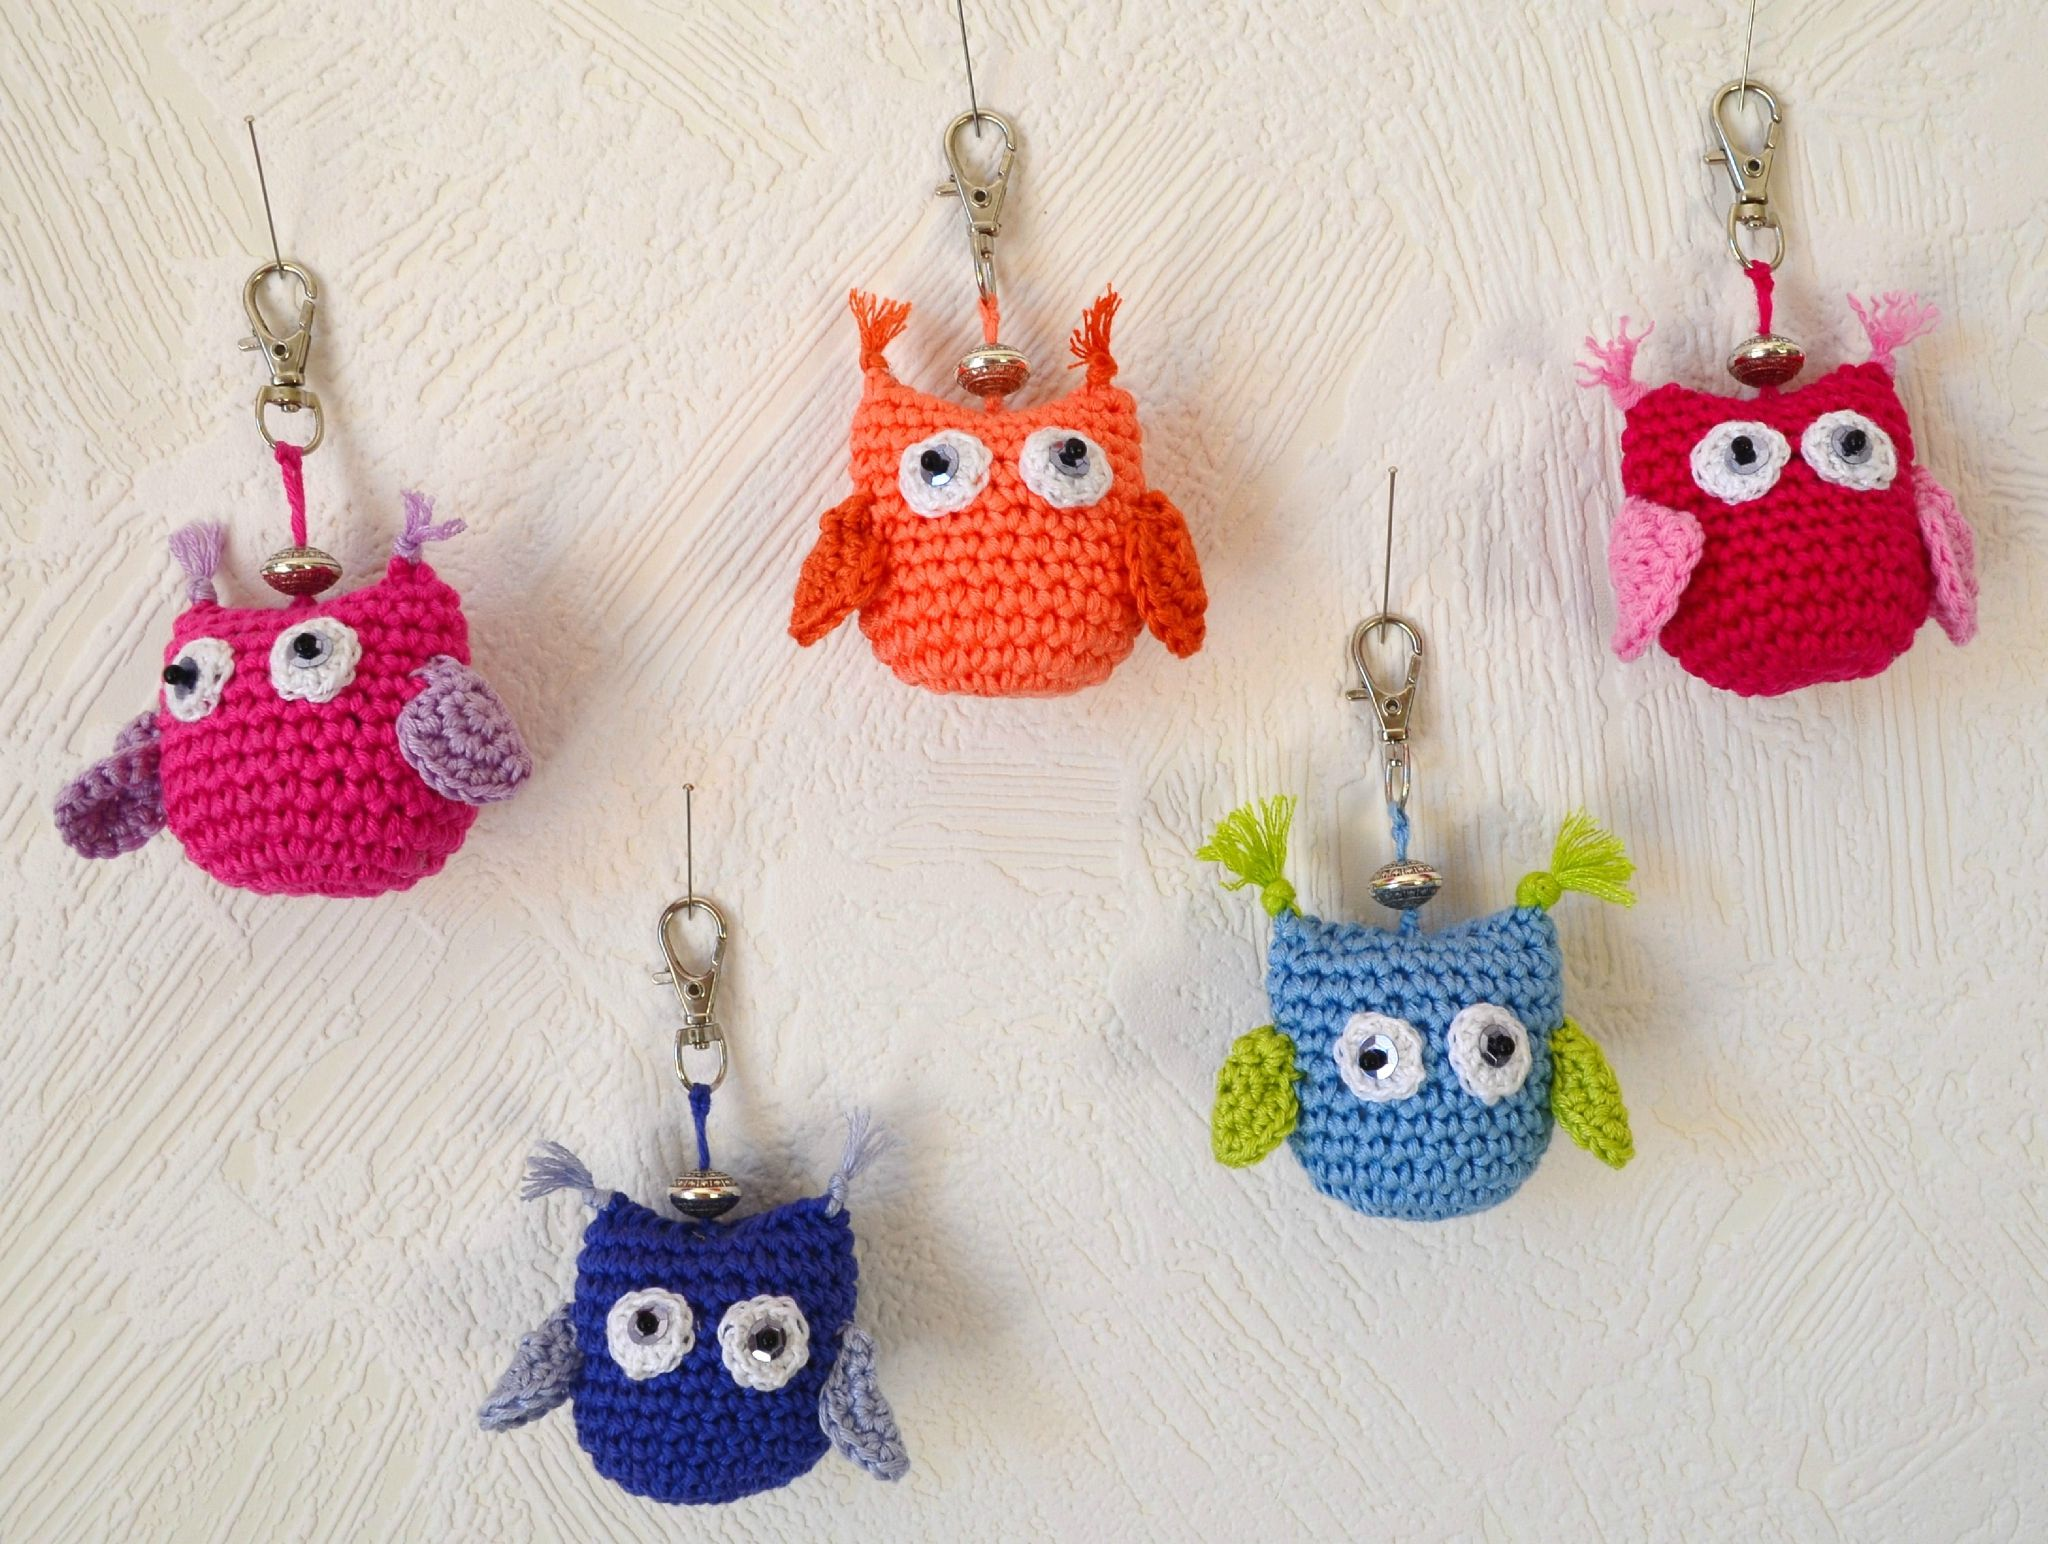 Un porte clef tr s bricolage et diy pinterest crochet chouette et tricot et crochet - Porte cle crochet ...